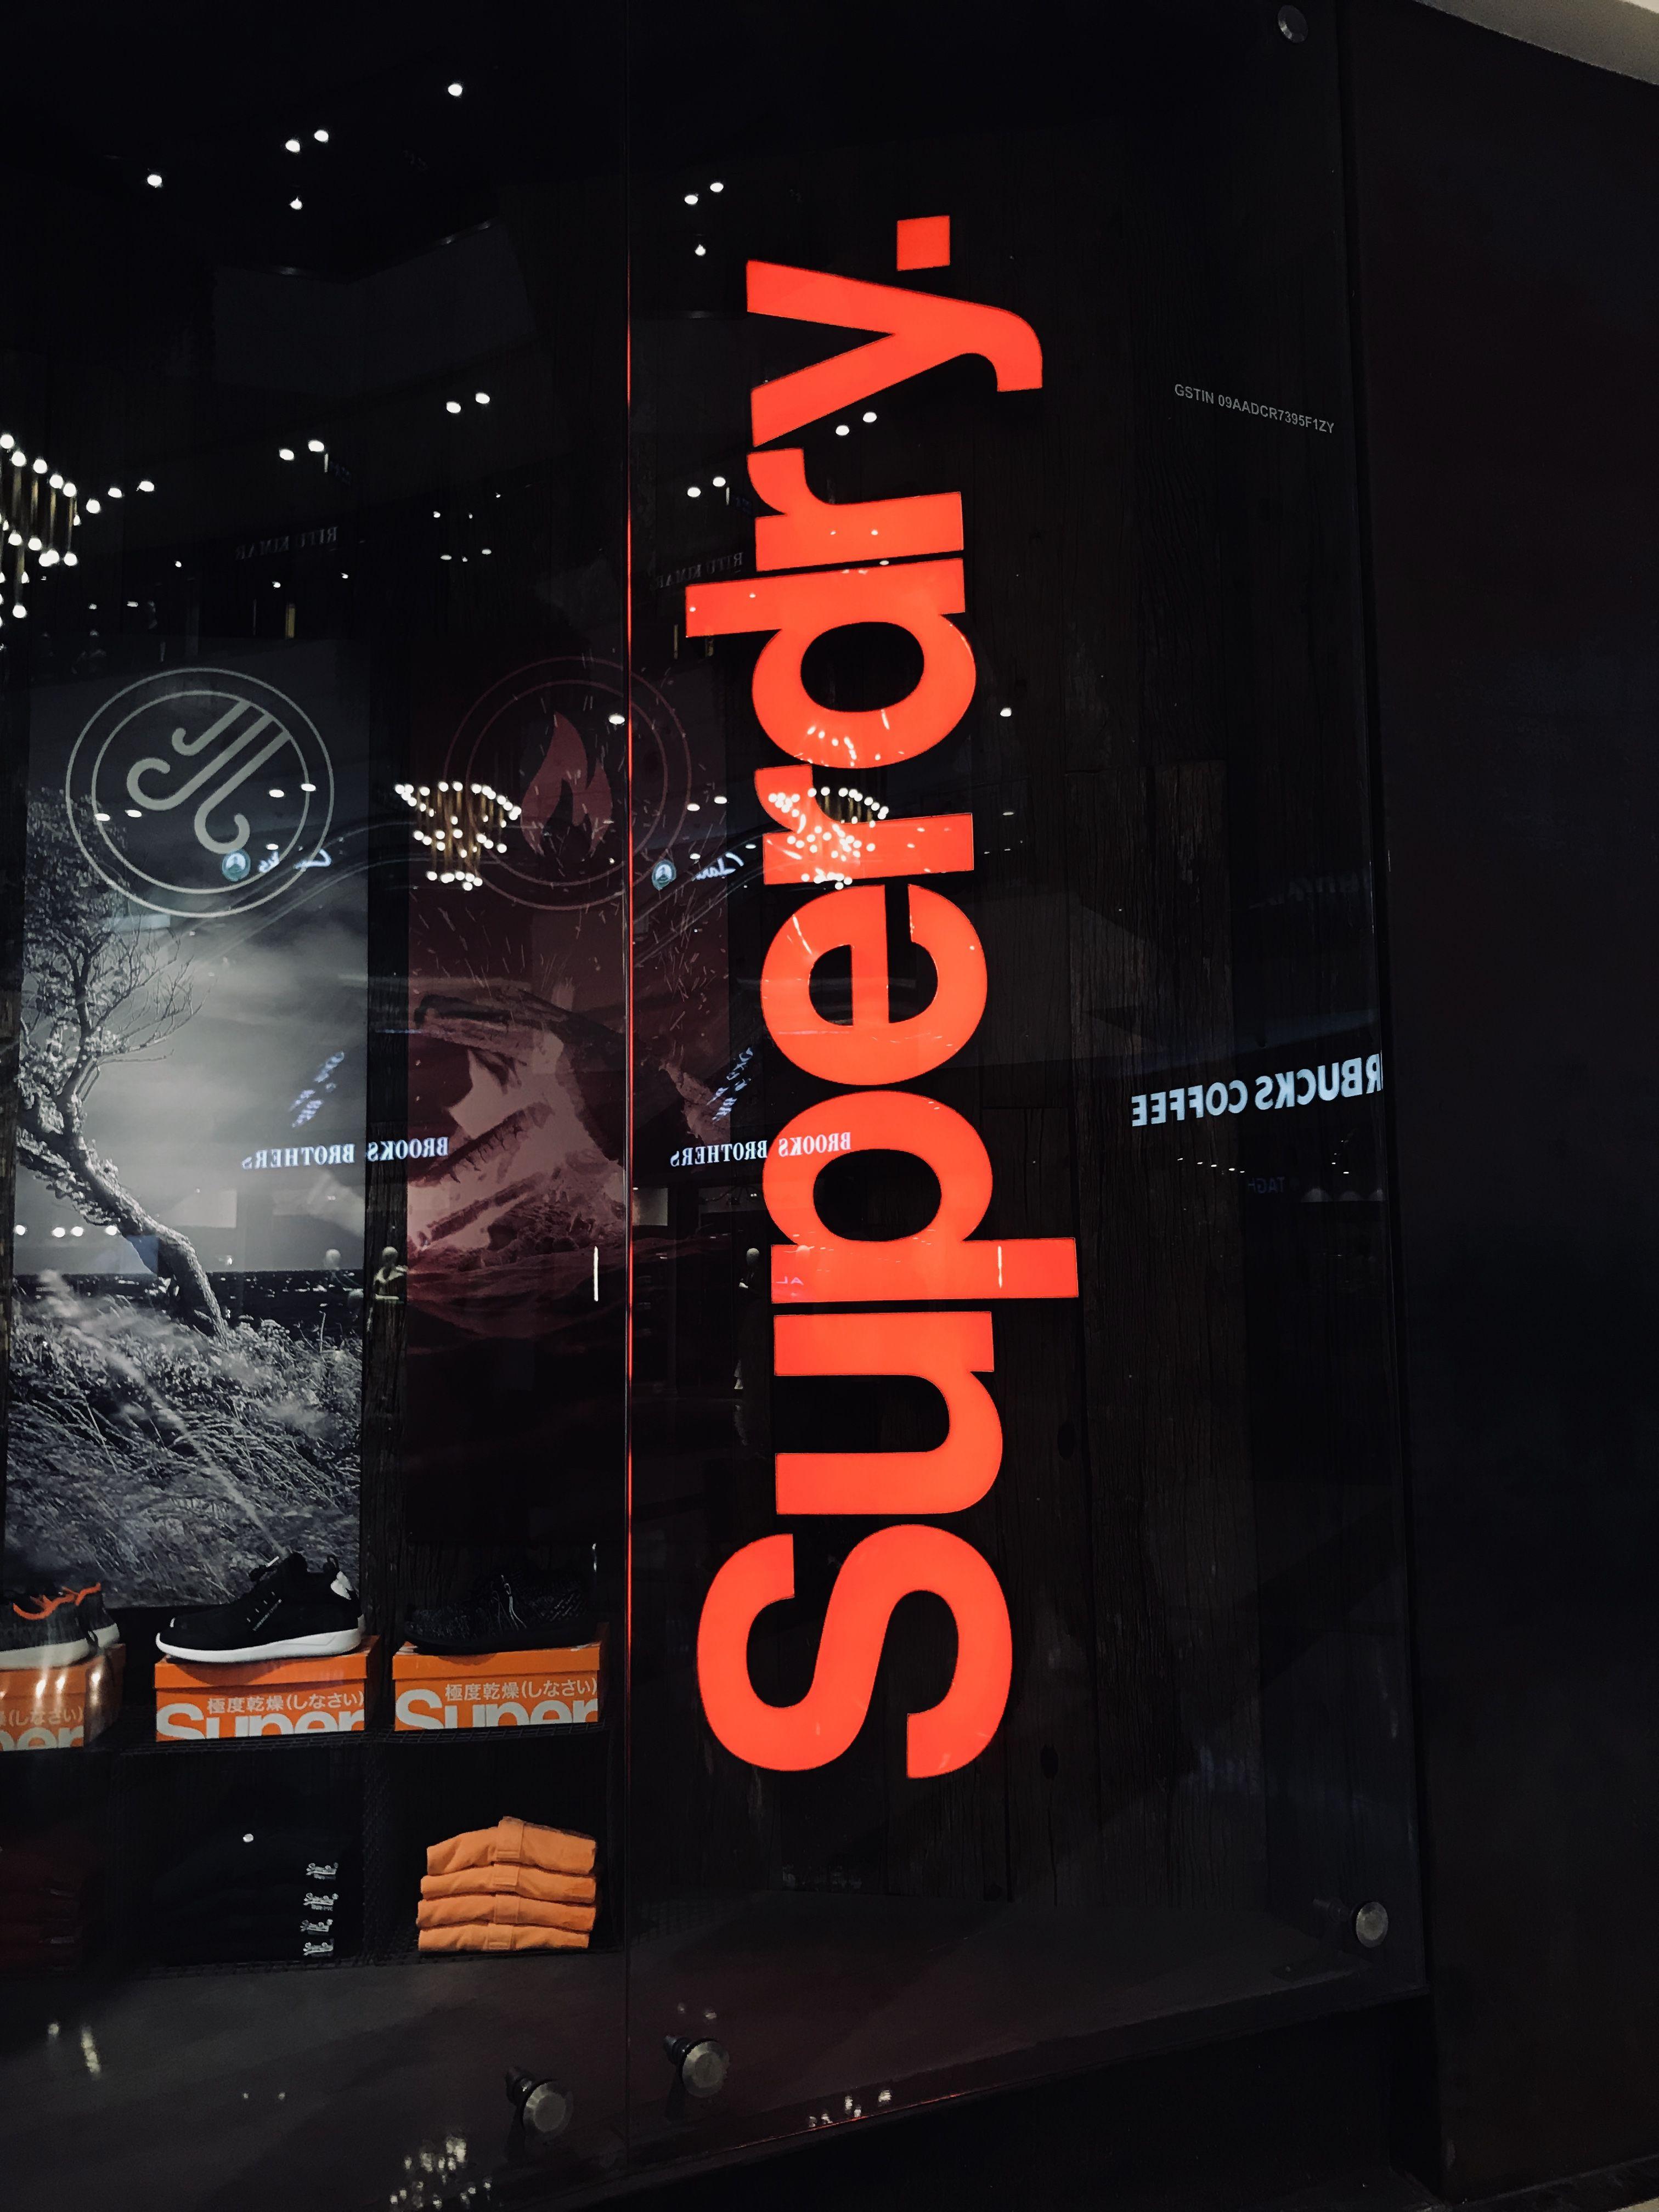 Superdry Wallpaper in 2019 Vaporwave wallpaper Iphone 3024x4032